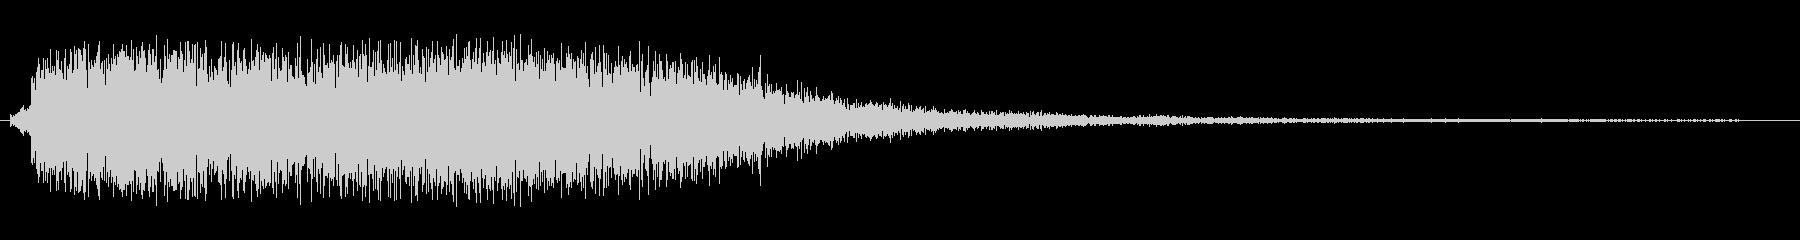 キラリラリン(キラキラな上昇する音)の未再生の波形